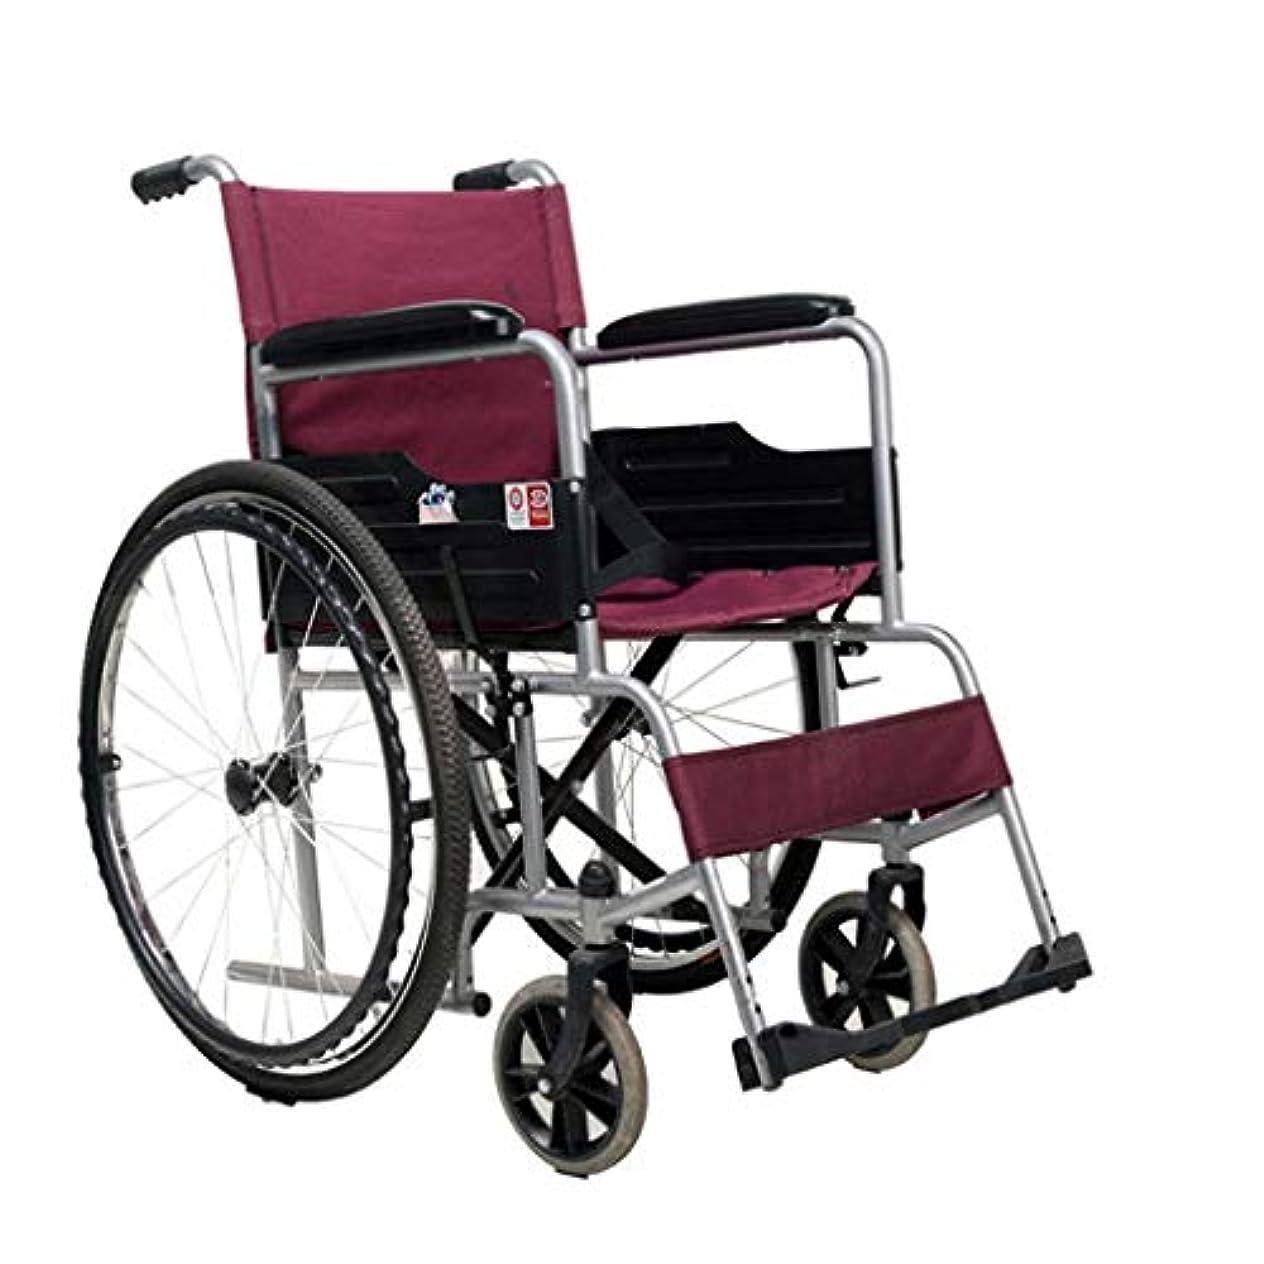 教育学地殻大学院アルミ製車椅子、軽量折りたたみ式フレーム、客室乗務員用車椅子、携帯用輸送椅子、空気入りタイヤ